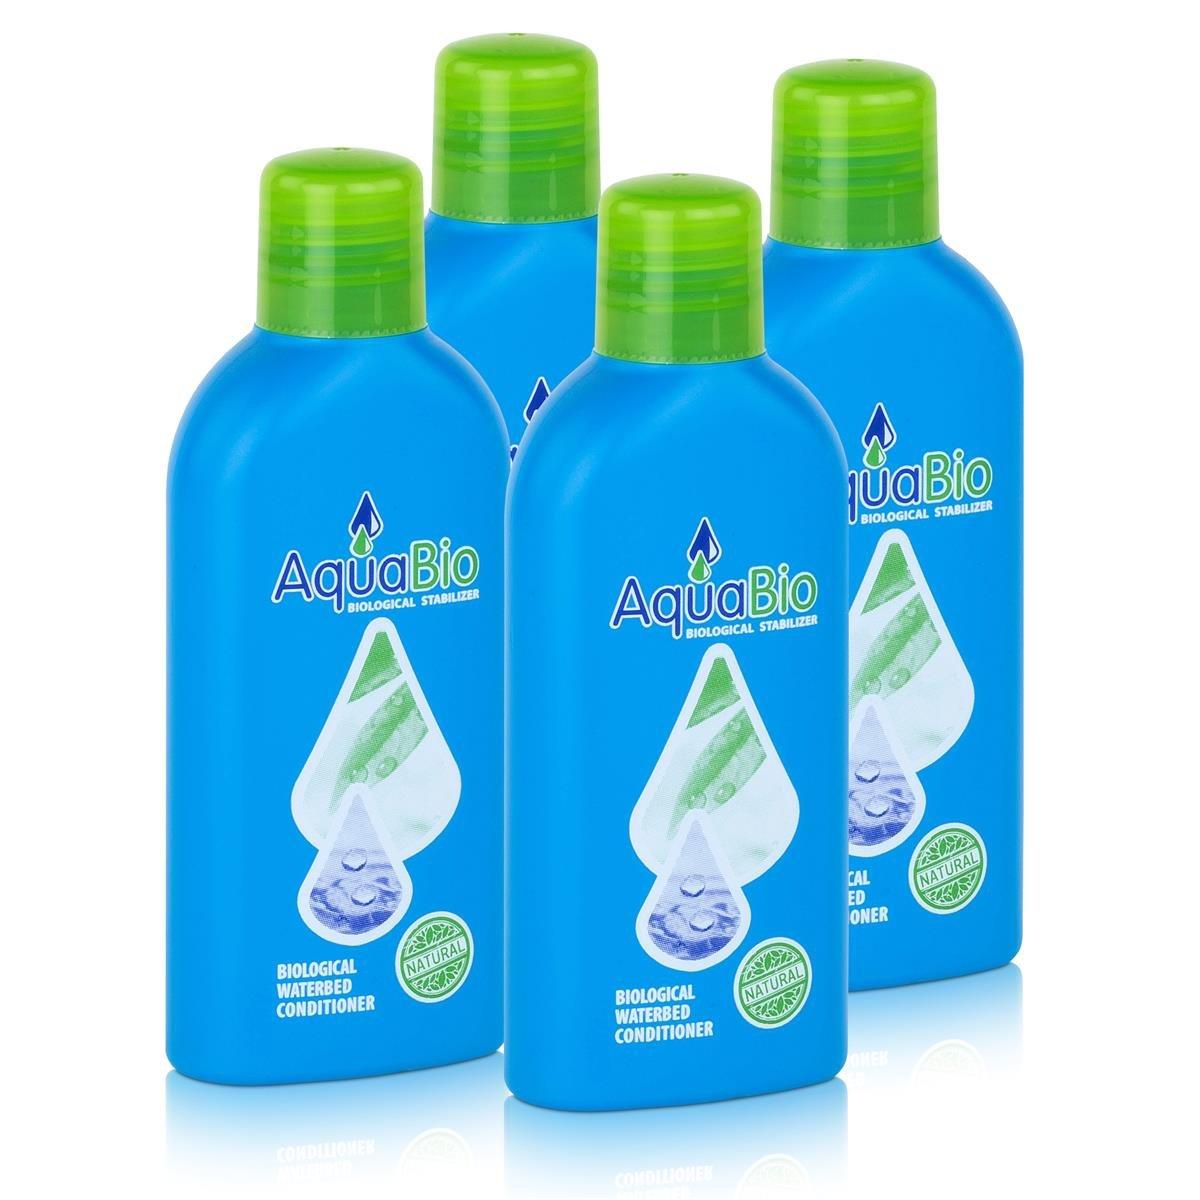 Liebenswert Wasserbettbedarf Beste Wahl 4x Aquabio Water Bed Conditioner - Concentrate